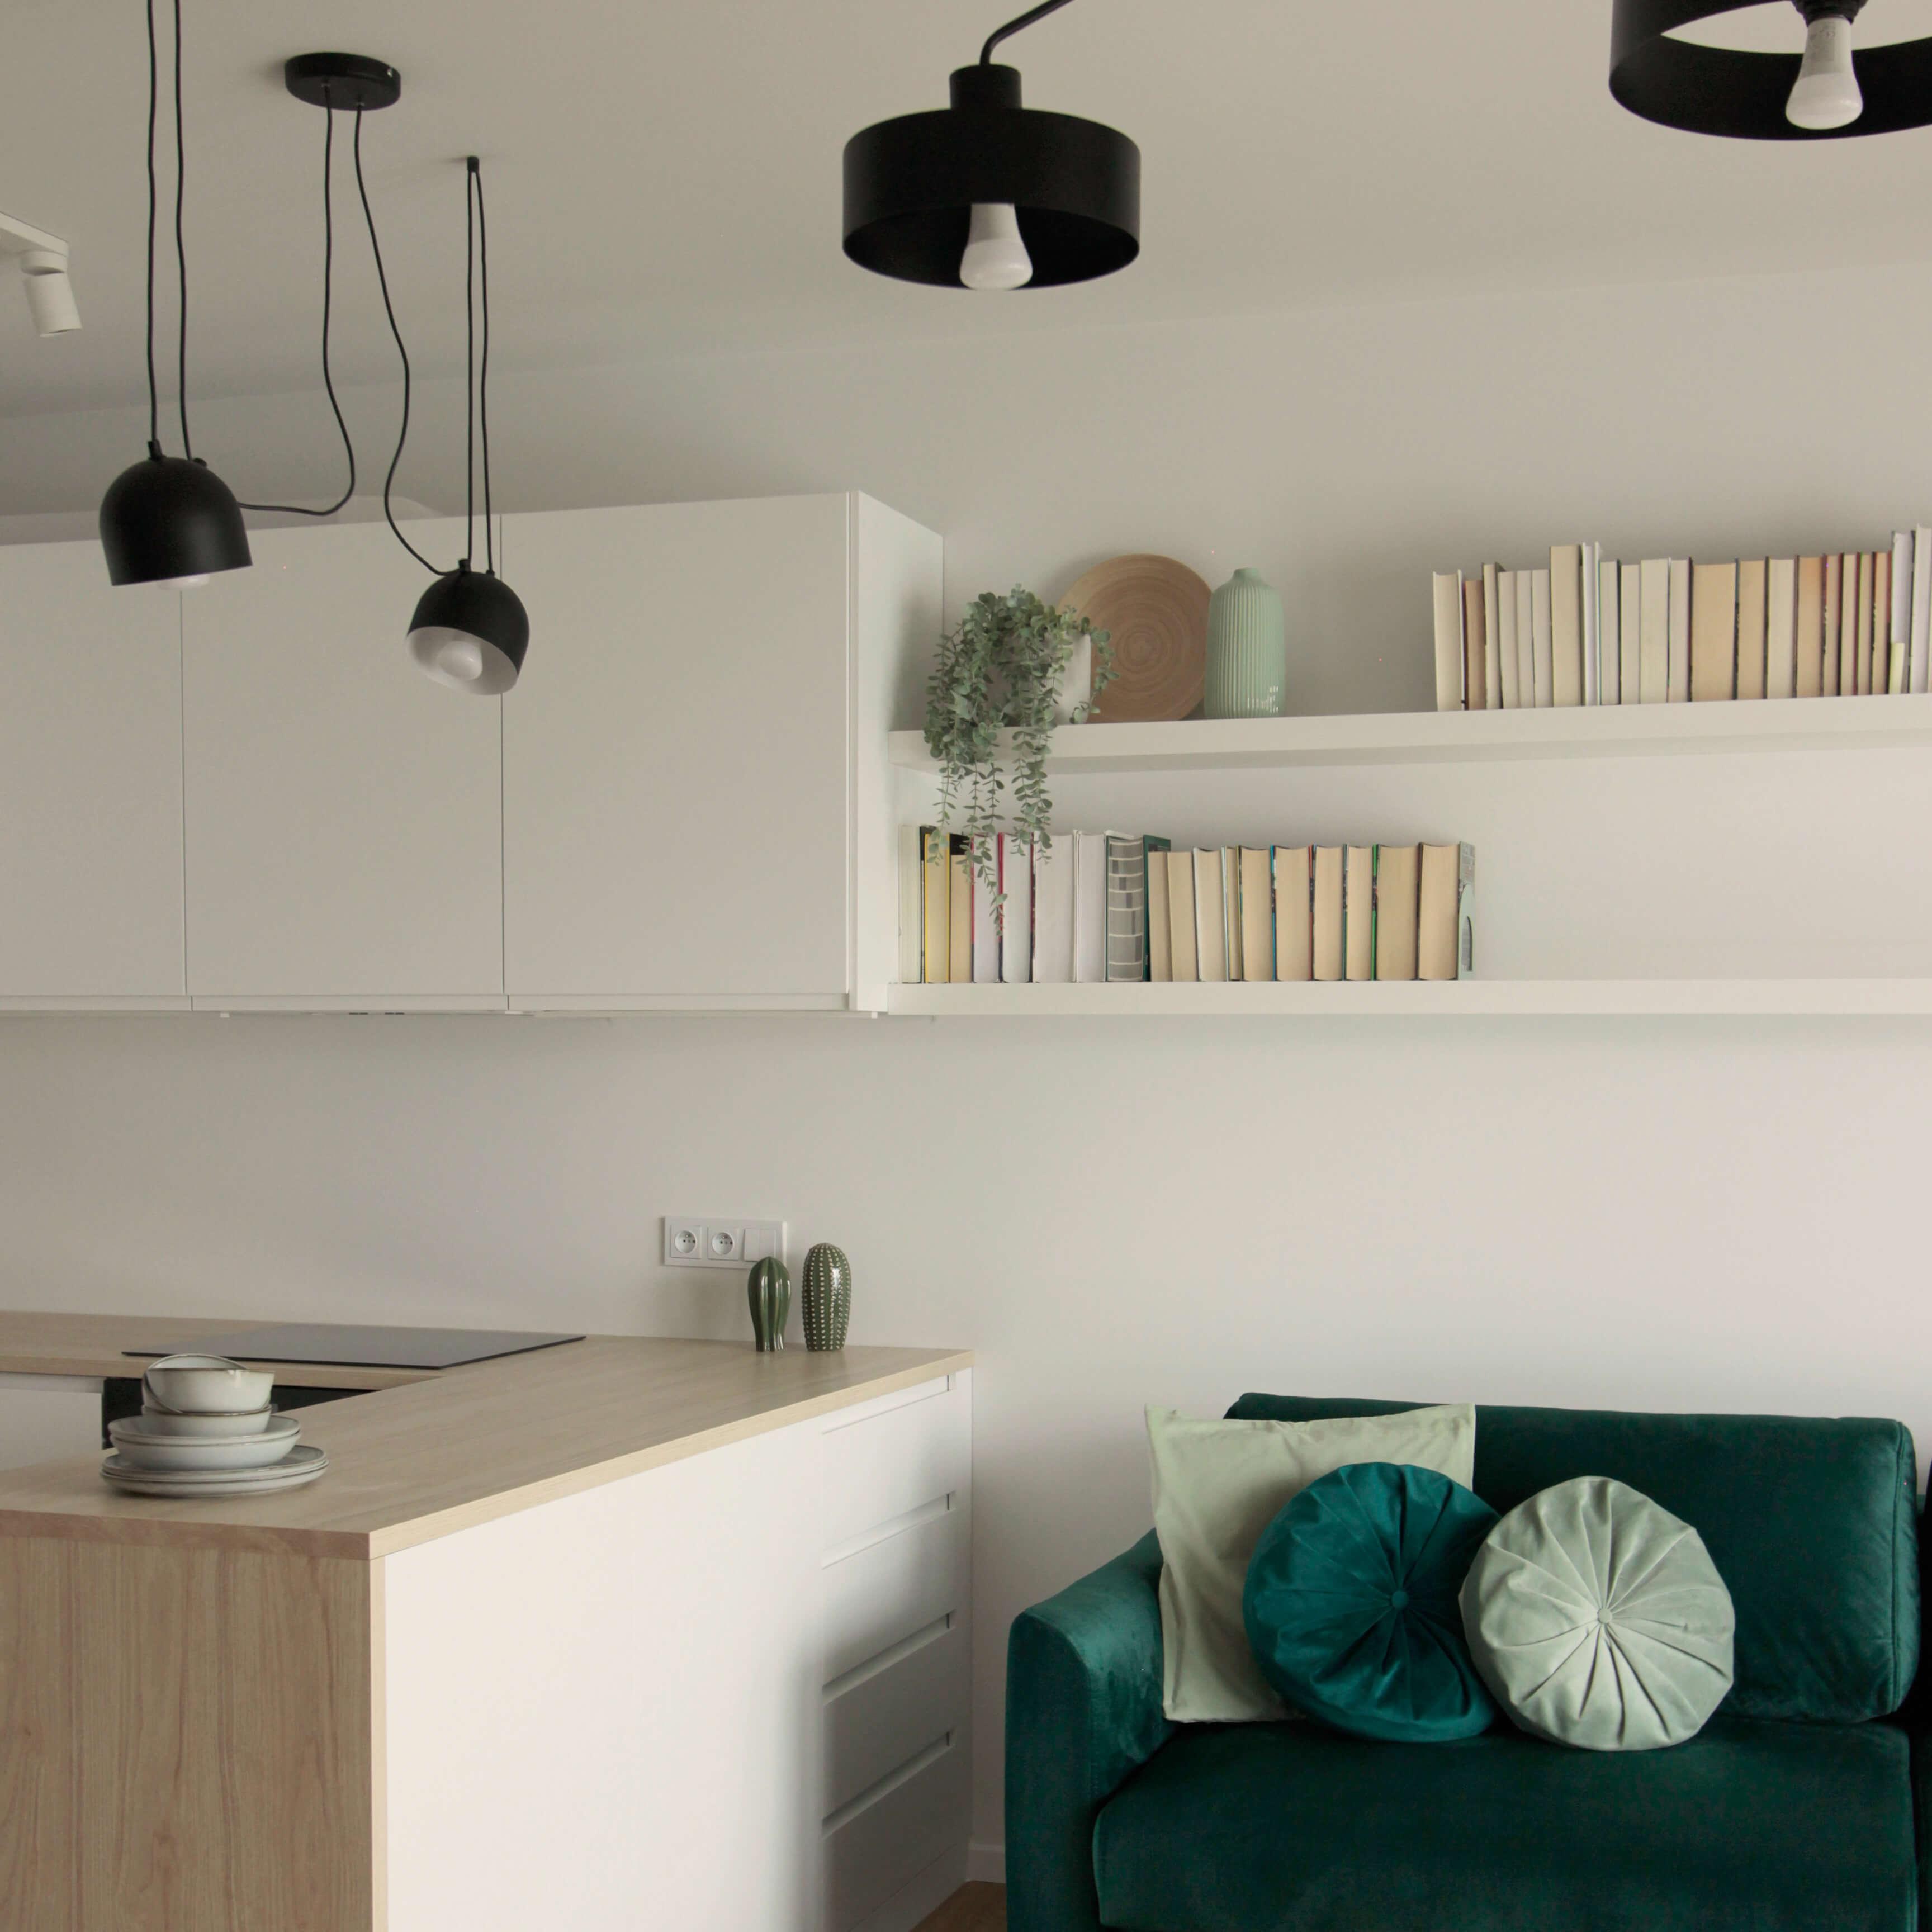 Projekt wnętrza mieszkania wraz z nadzorem nad realizacją. Salon w mieszkaniu 39 m2. Biały kolor jest podstawą tego wnętrza. Rozjaśnia i powiększa optycznie przestrzeń. Akcenty kolorystyczne są kontrastujące – czerń i piękna, ciemna, butelkowa zieleń. Dla ocieplenia mamy tu wiele drewnopodobnych elementów – podłoga, blaty, żaluzje okienne.